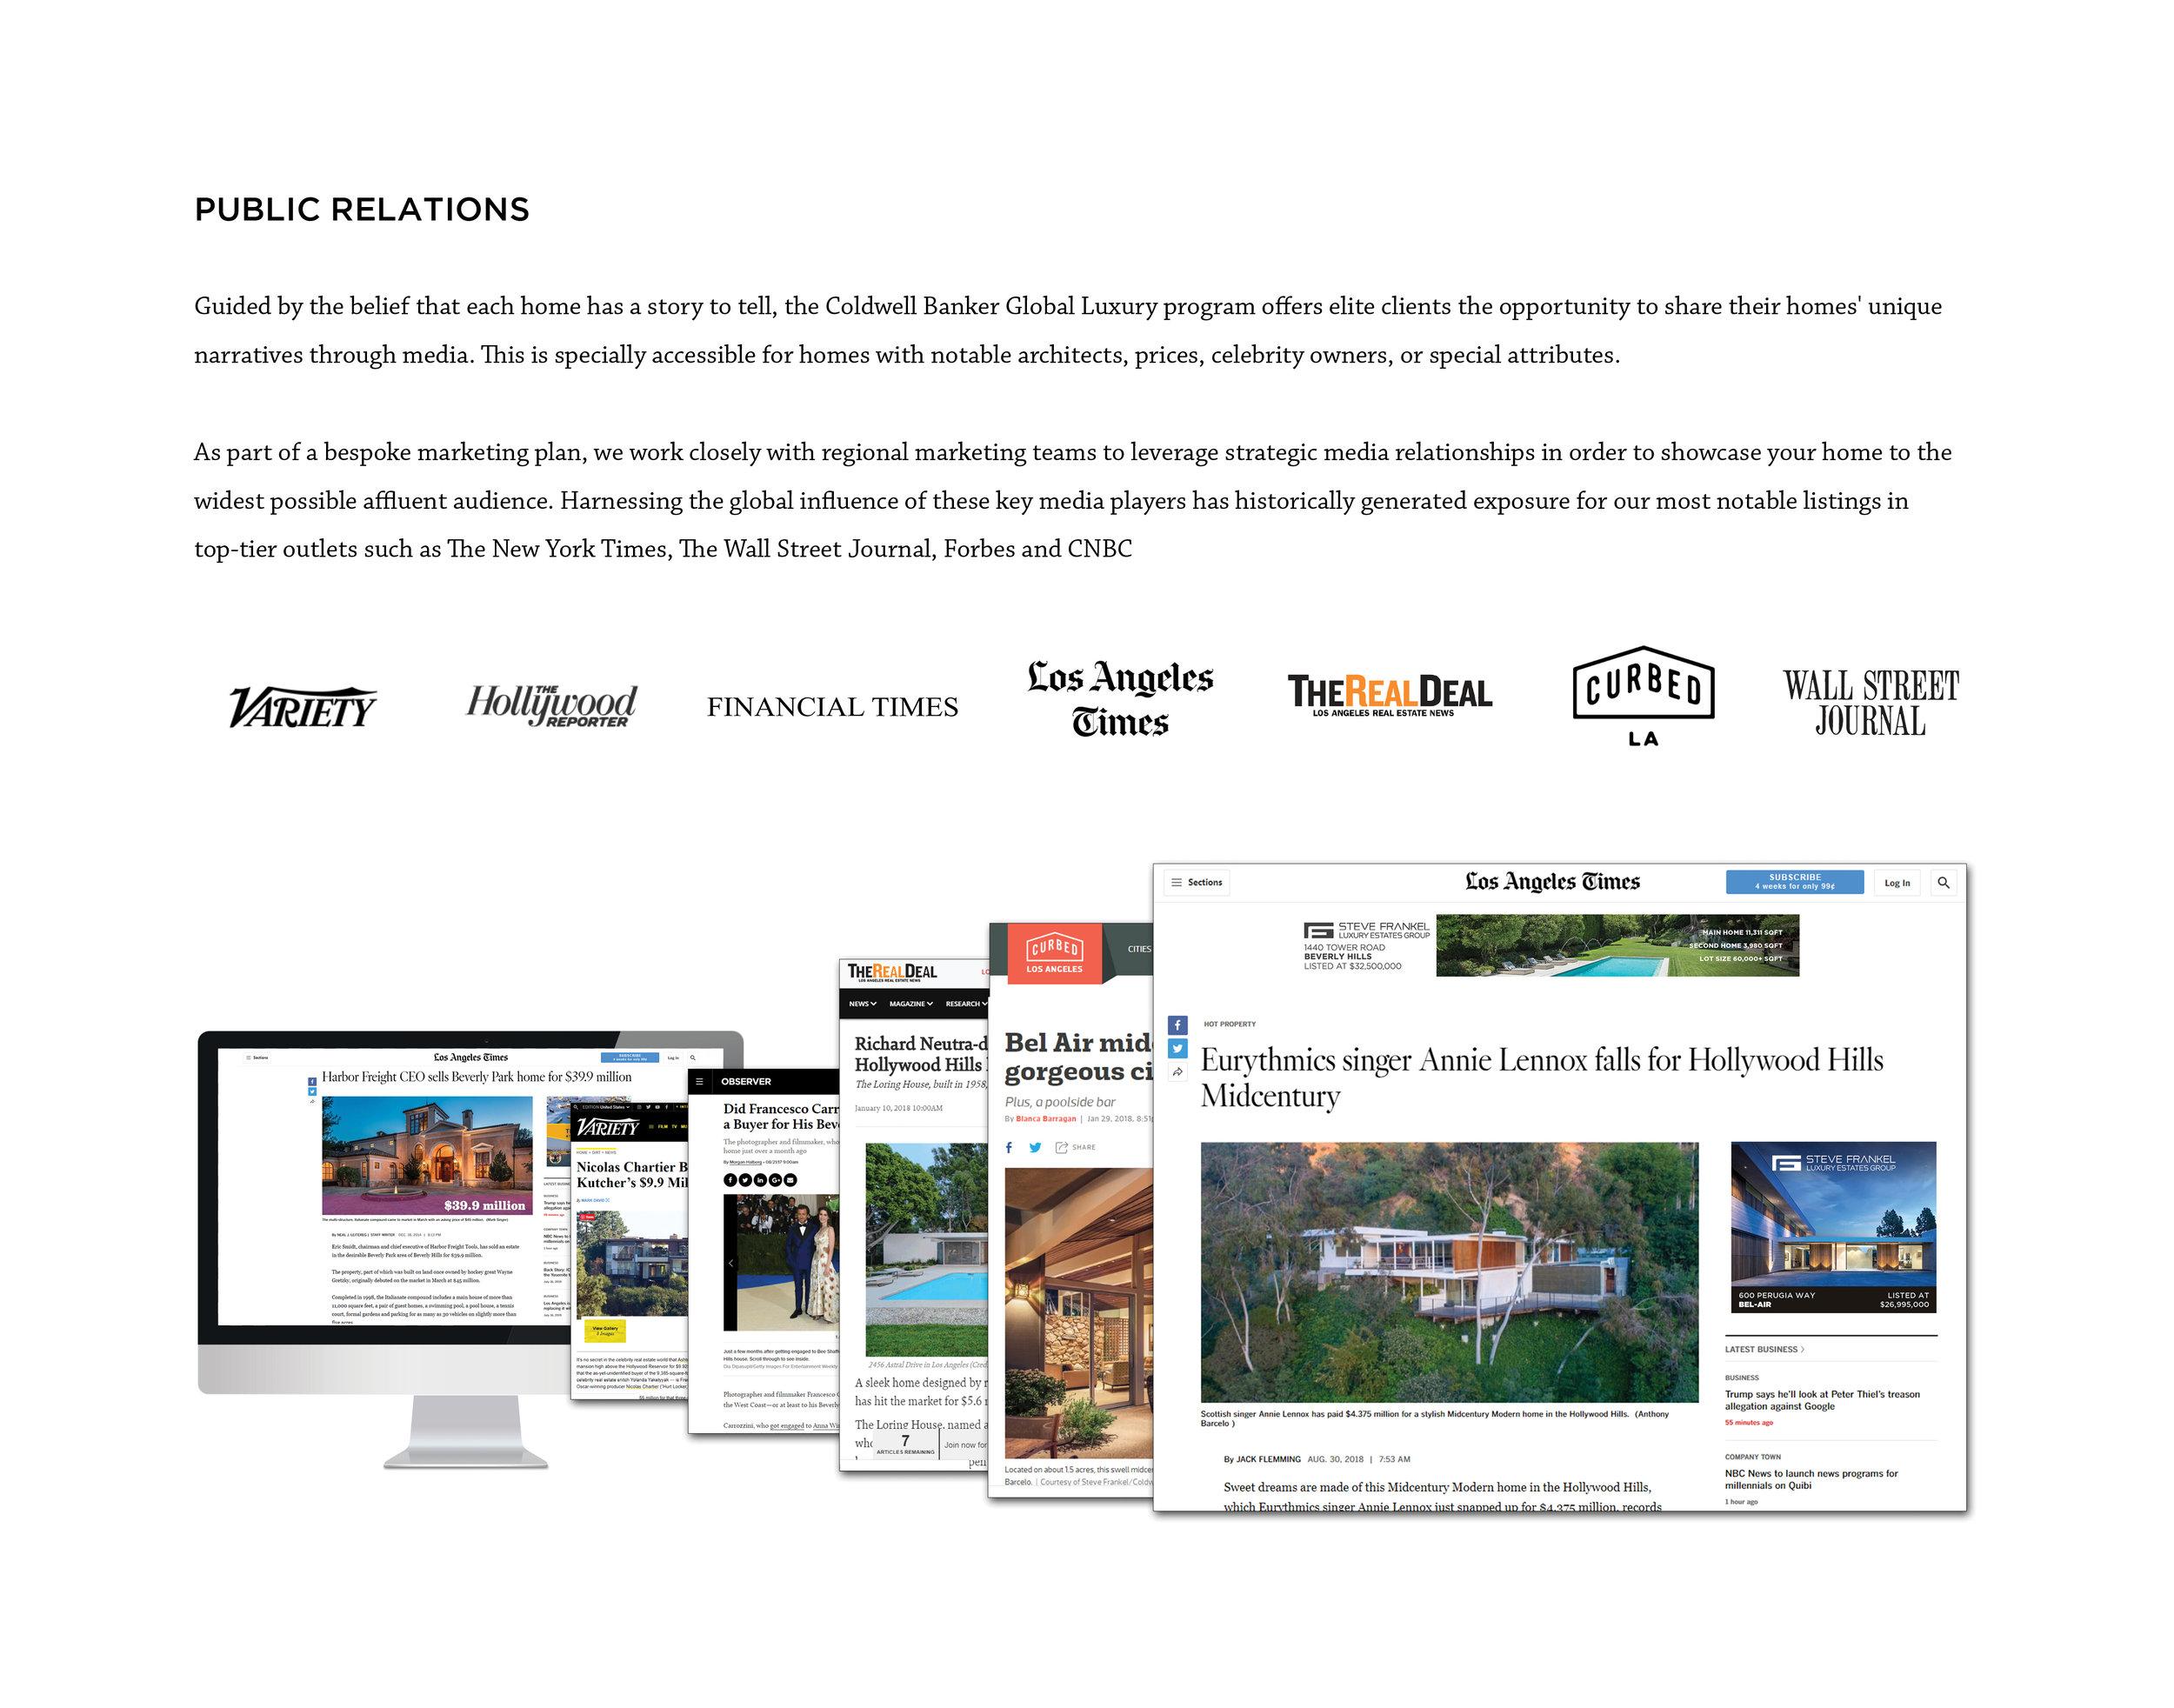 SteveFrankel_PresentationBook14x11_071719_Tablet62.jpg